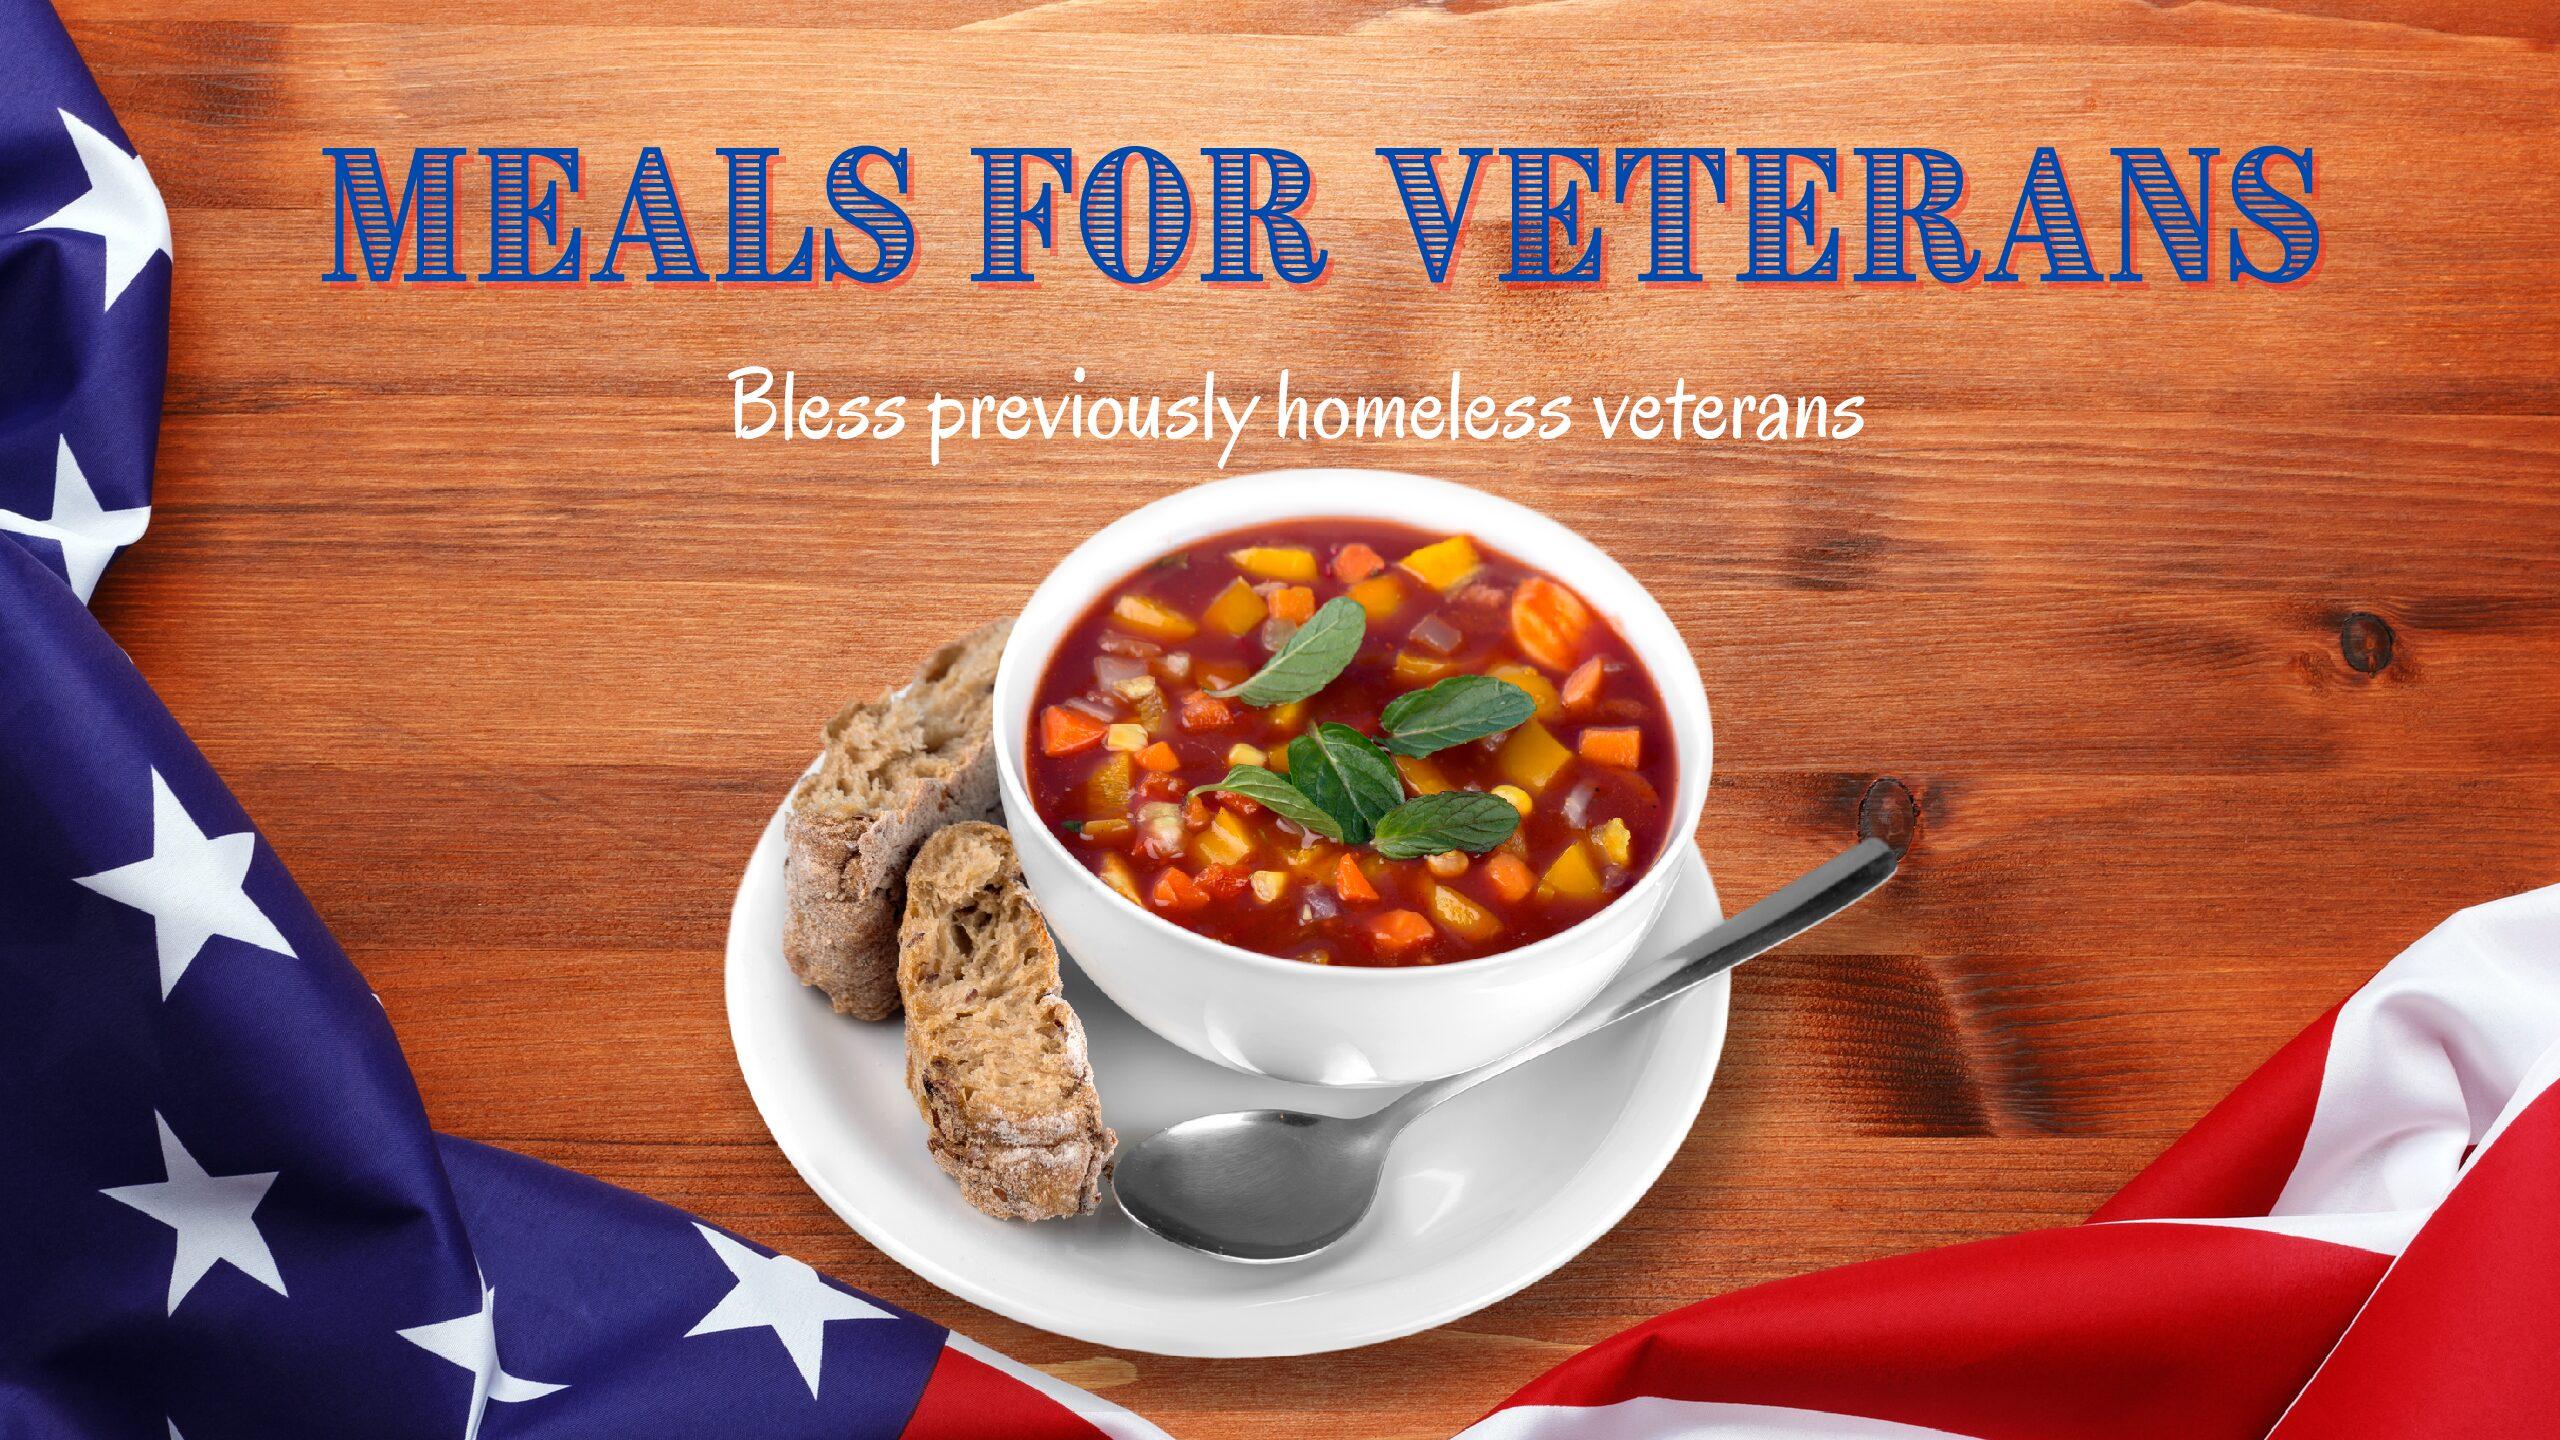 Meal for Veterans